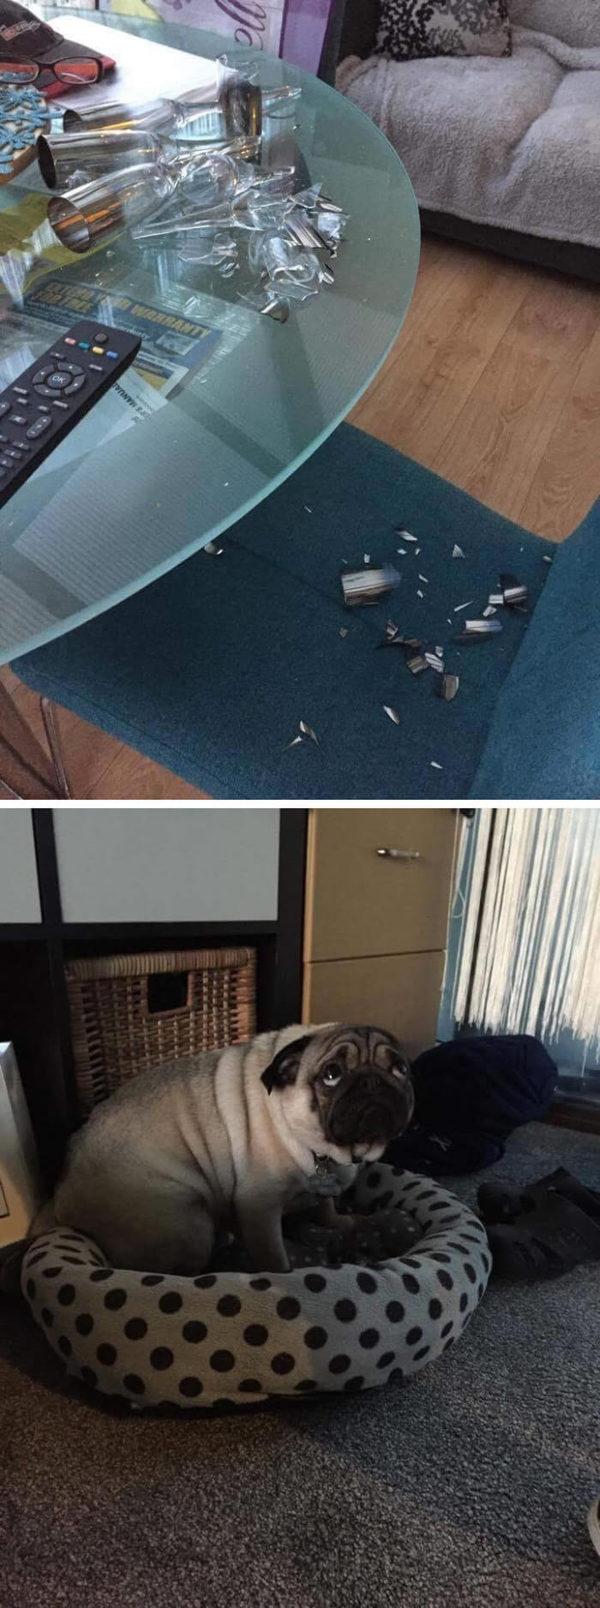 Самый виноватый мопс в мире мопс, Собака, виноват, не мое, длиннопост